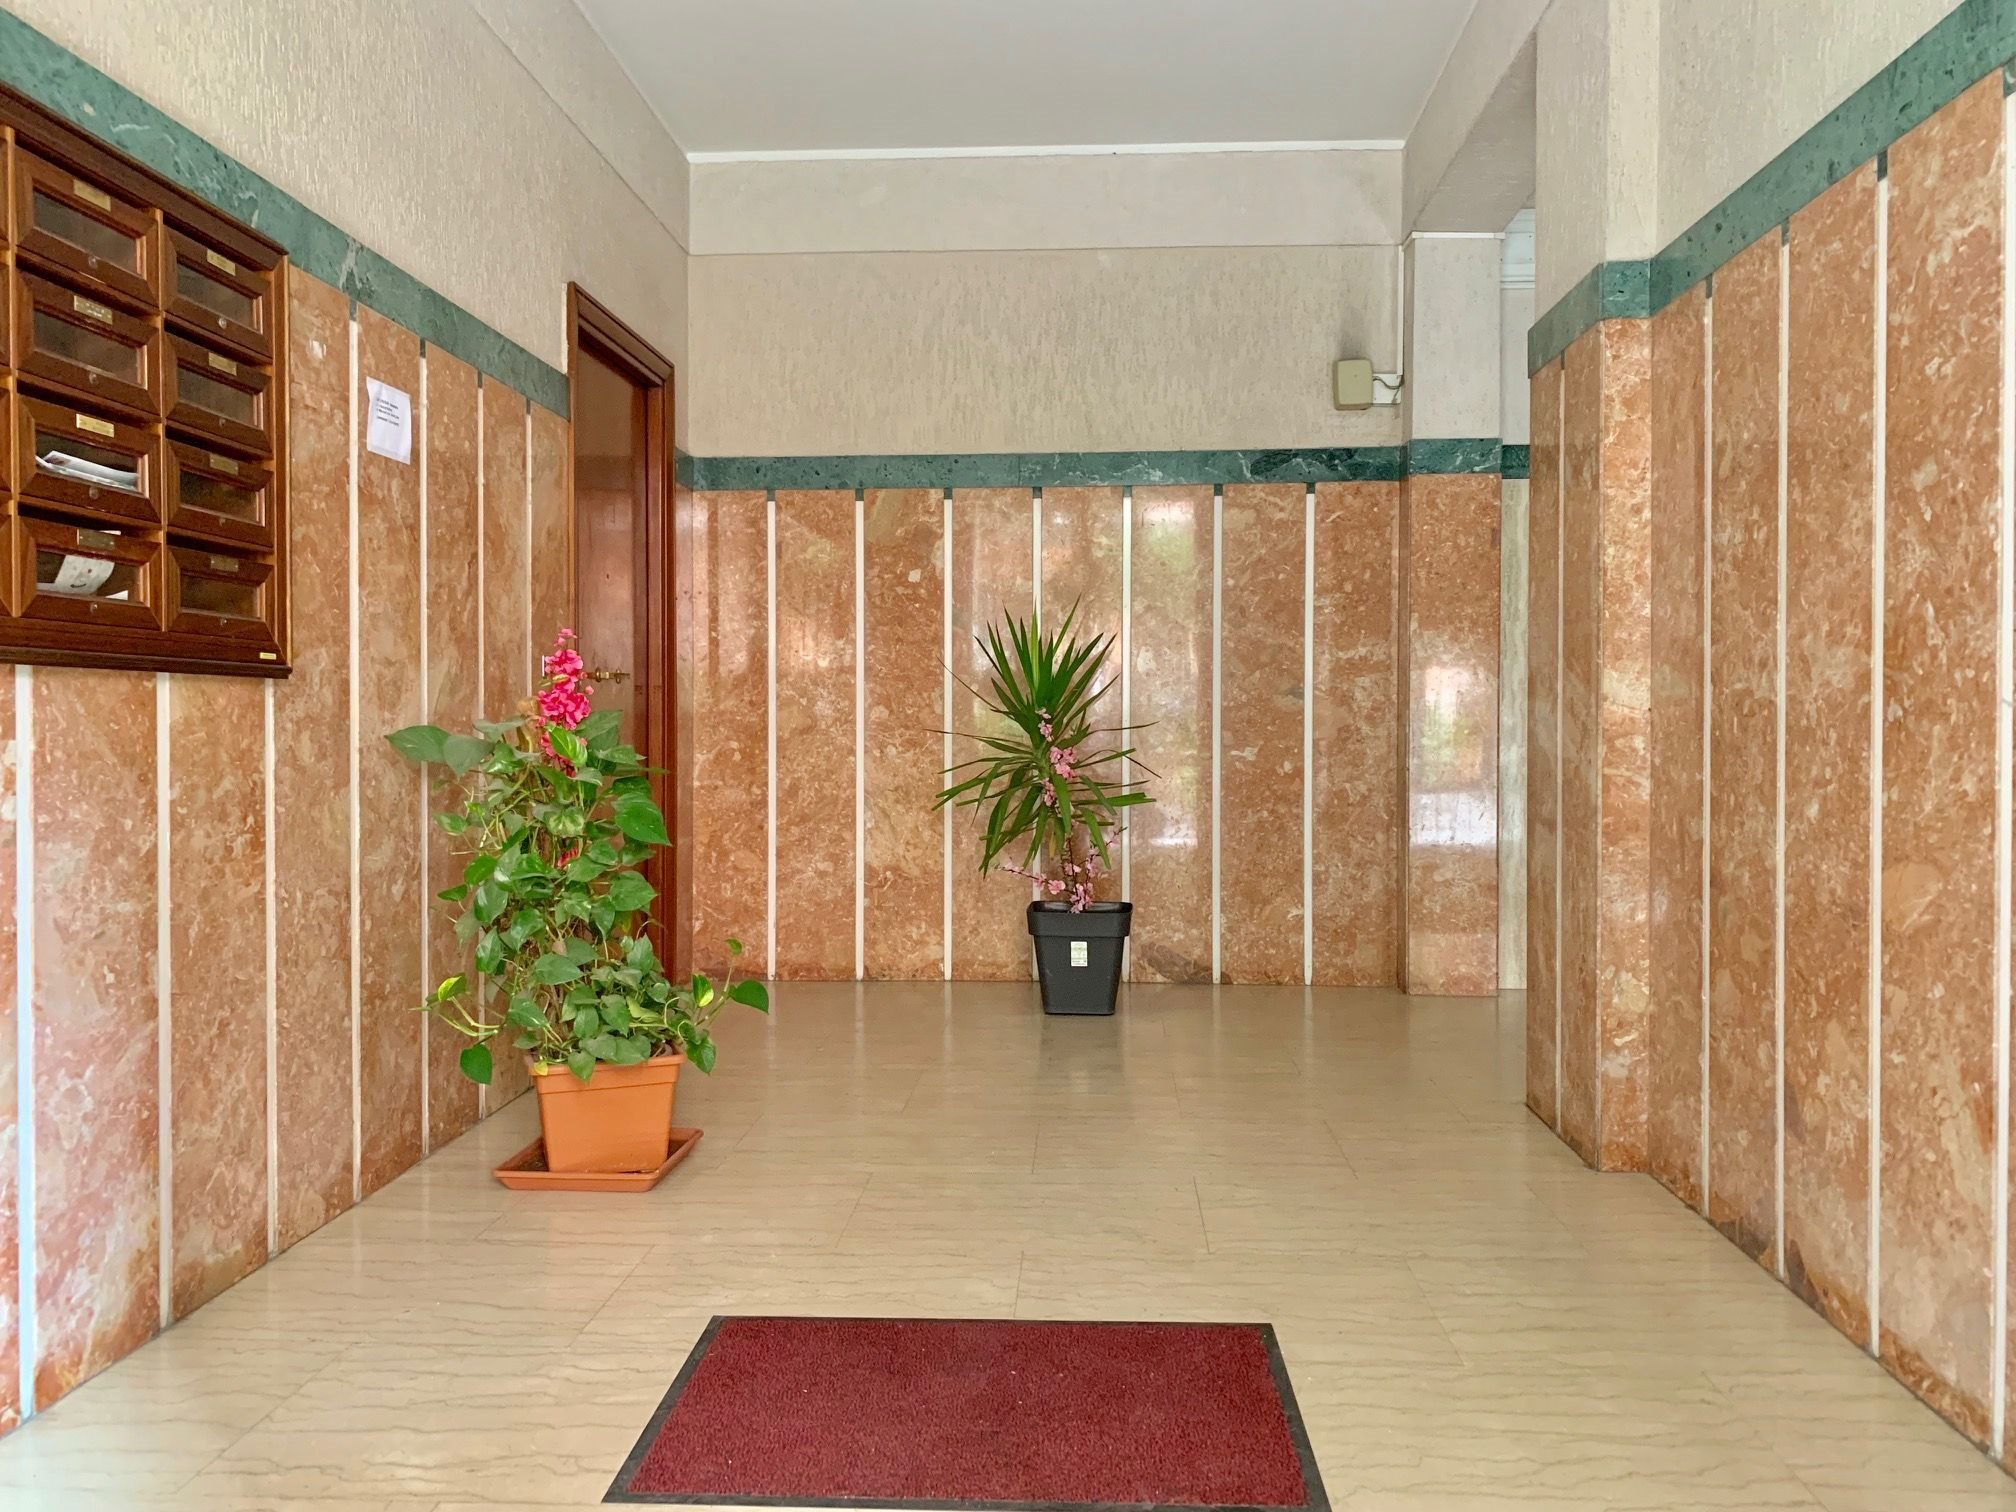 ingresso condominiale